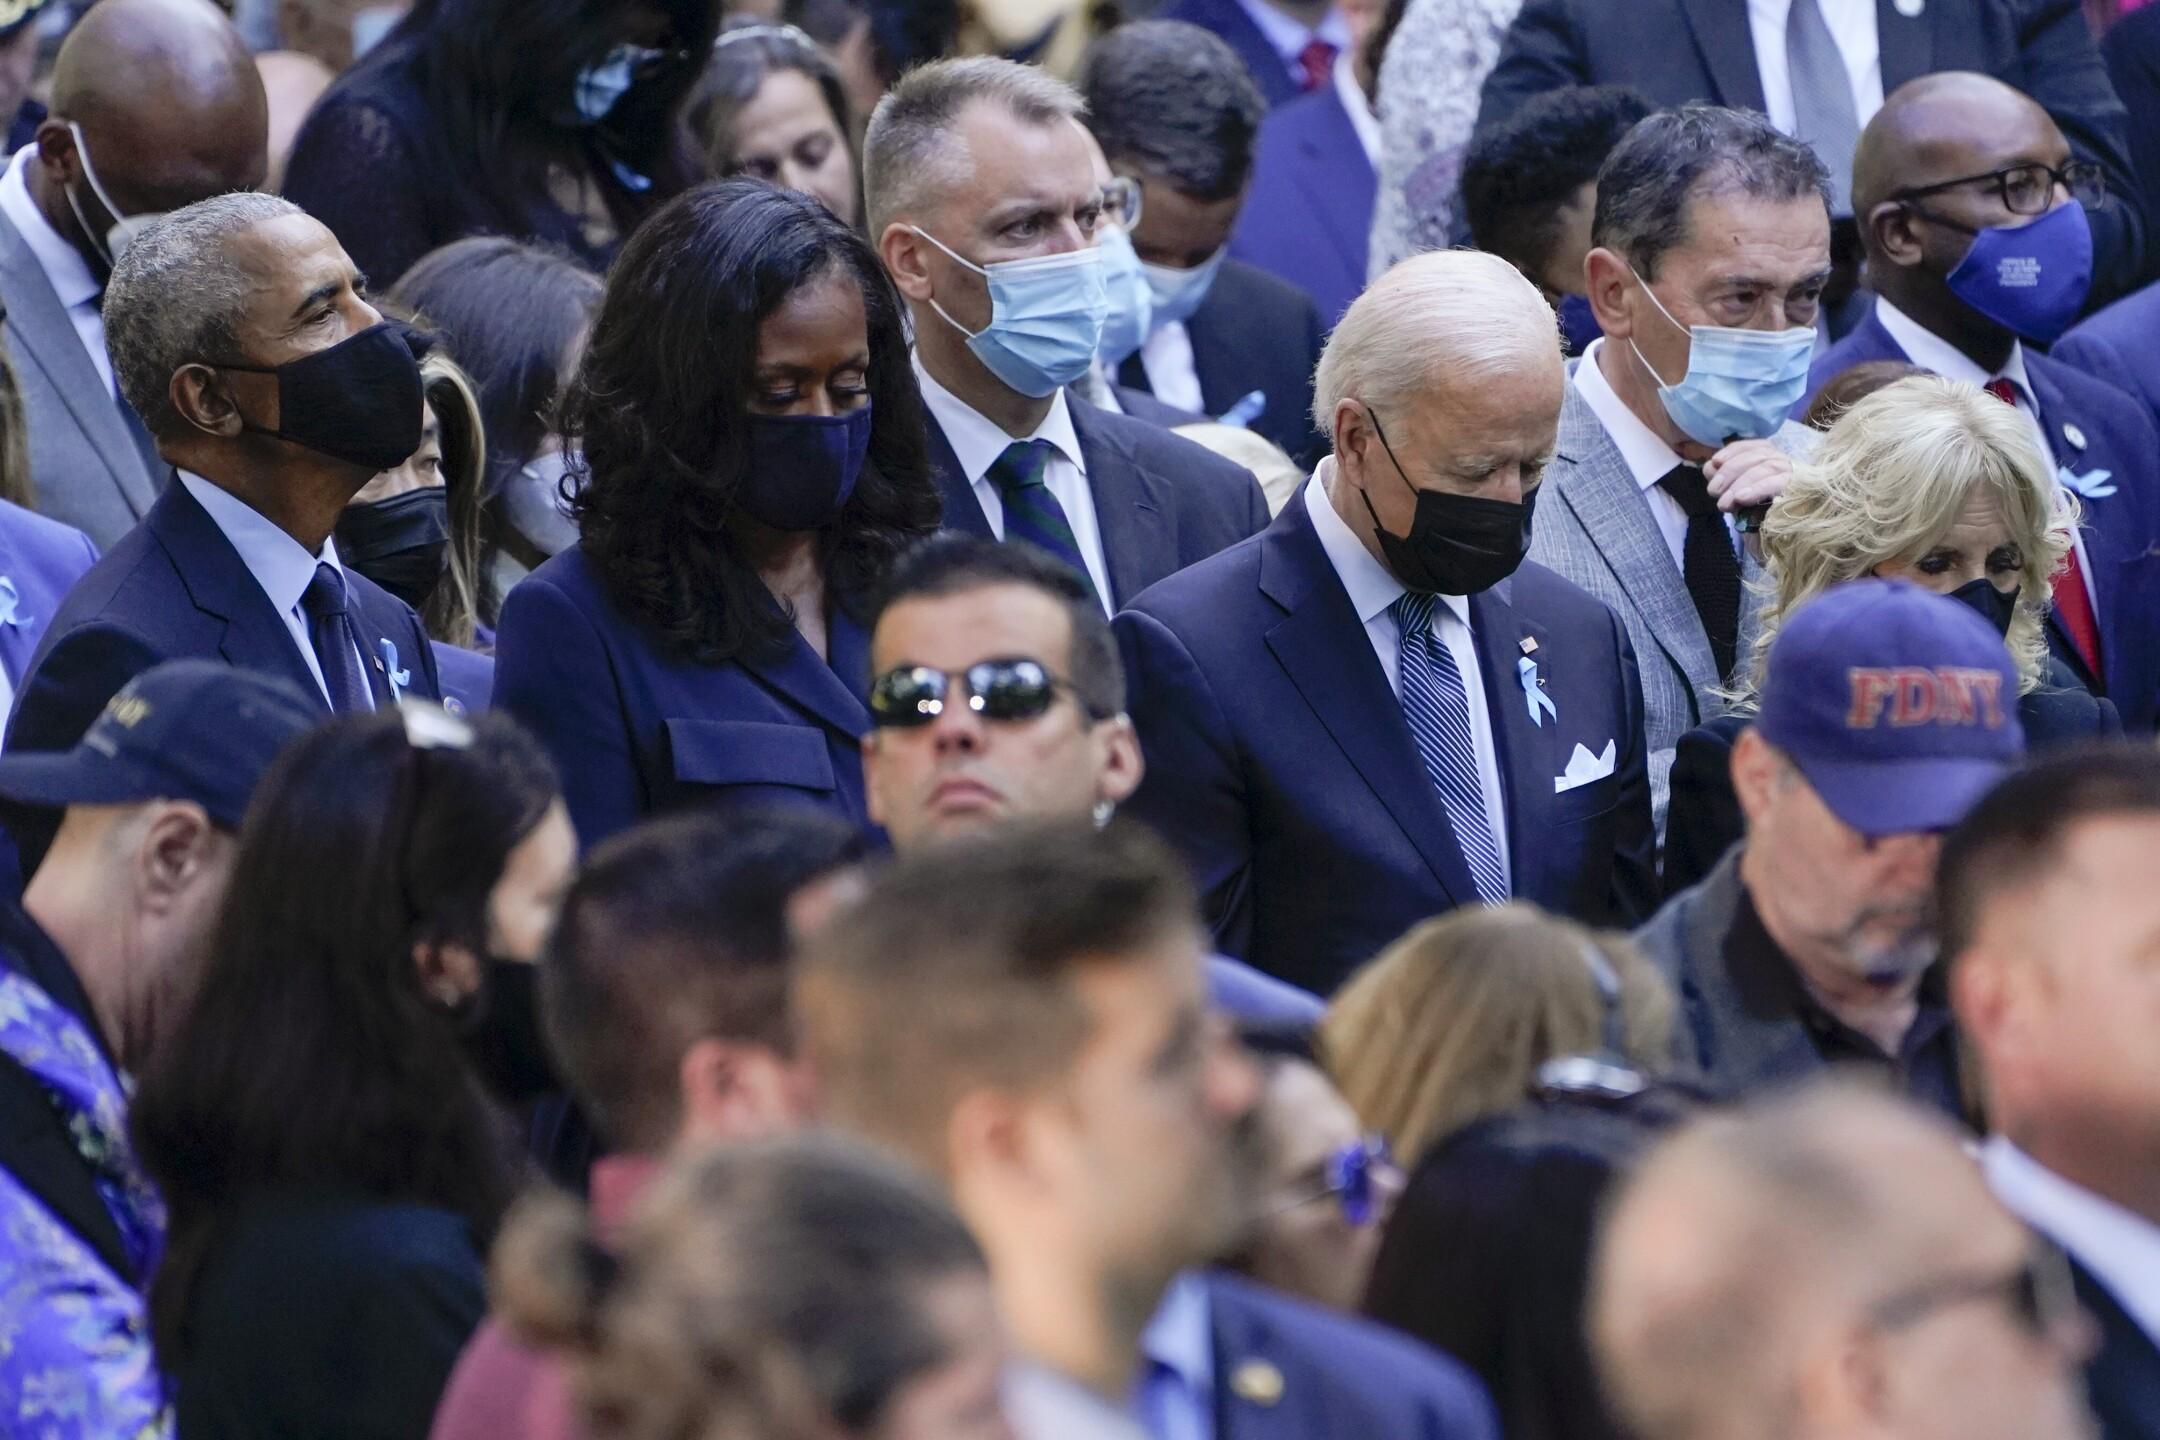 Joe Biden, Jill Biden, Barack Obama, Michelle Obama